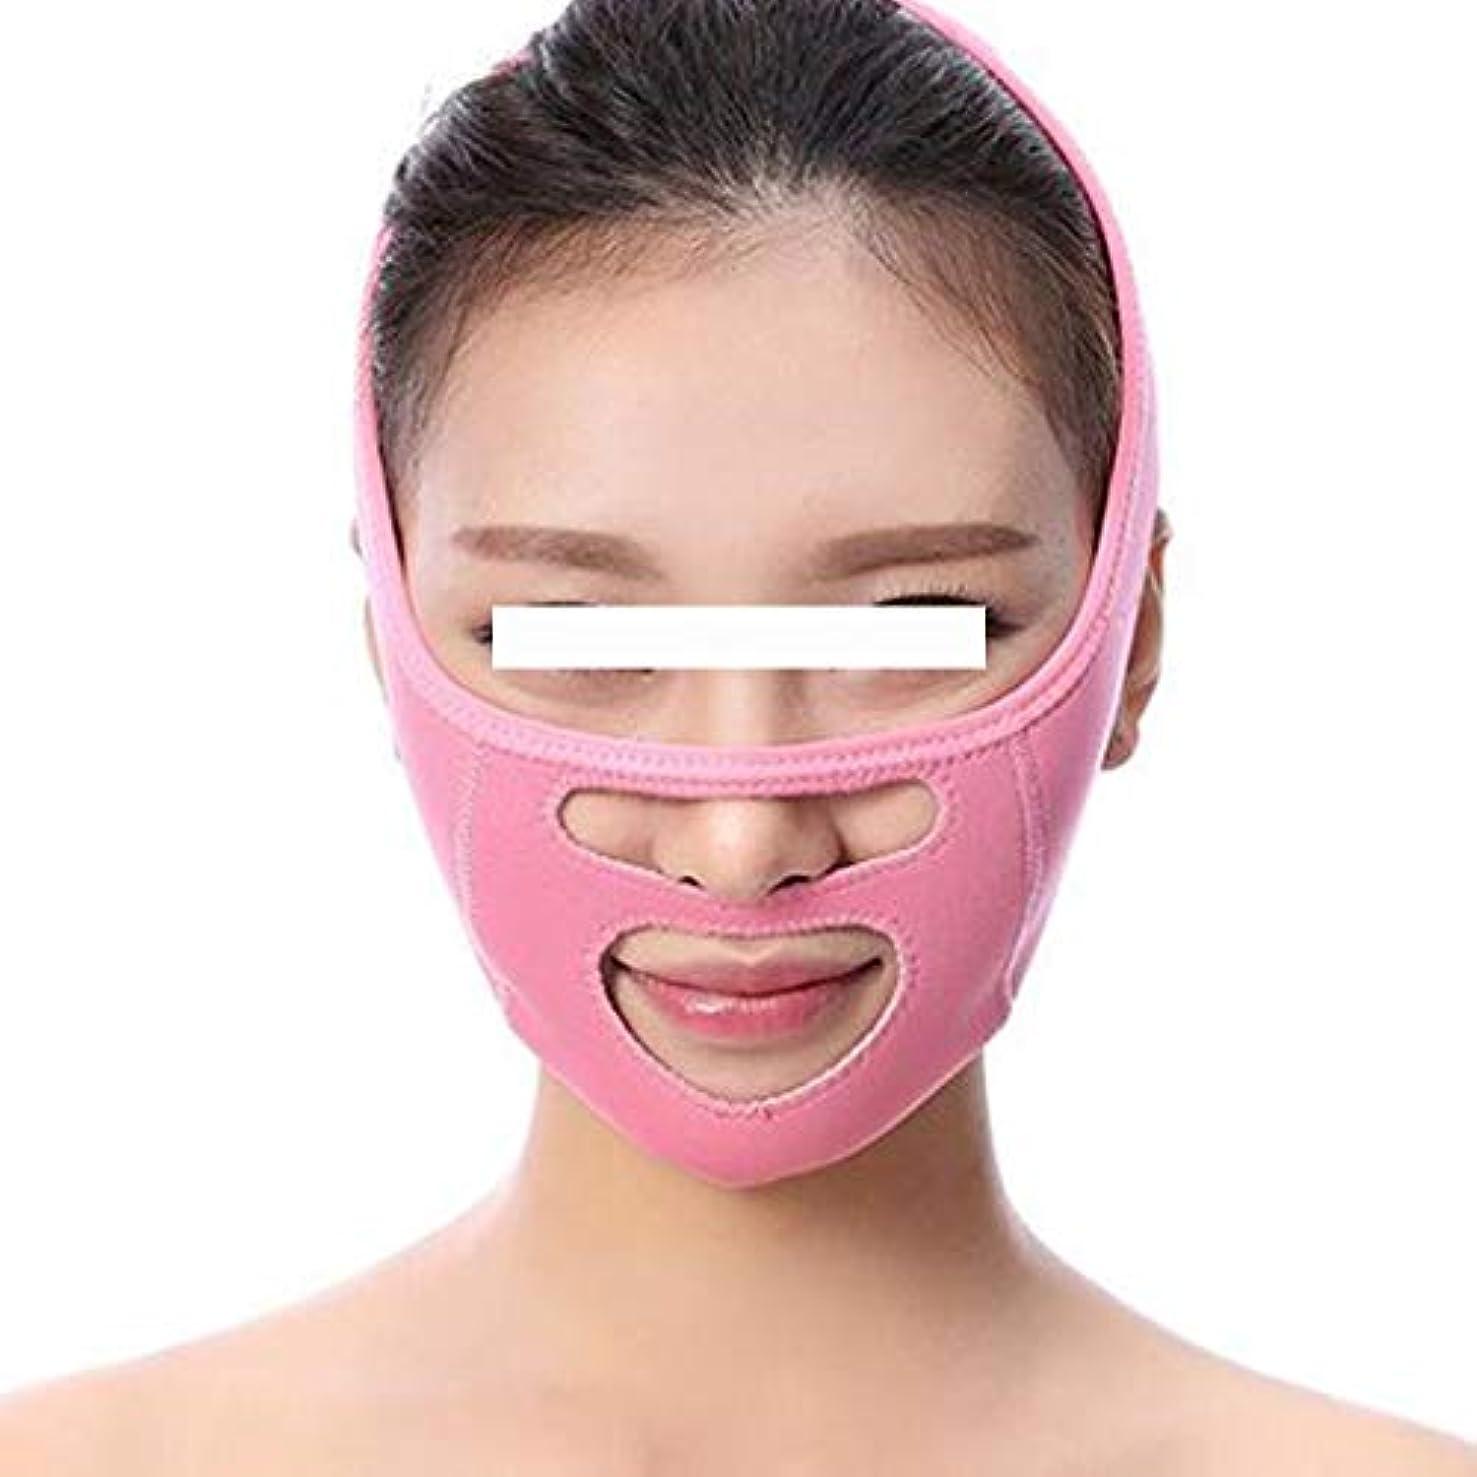 恥ずかしさ入札正統派人気のVフェイスマスク - 睡眠小顔美容フェイス包帯 - Decreeダブルチンvフェイスに移動